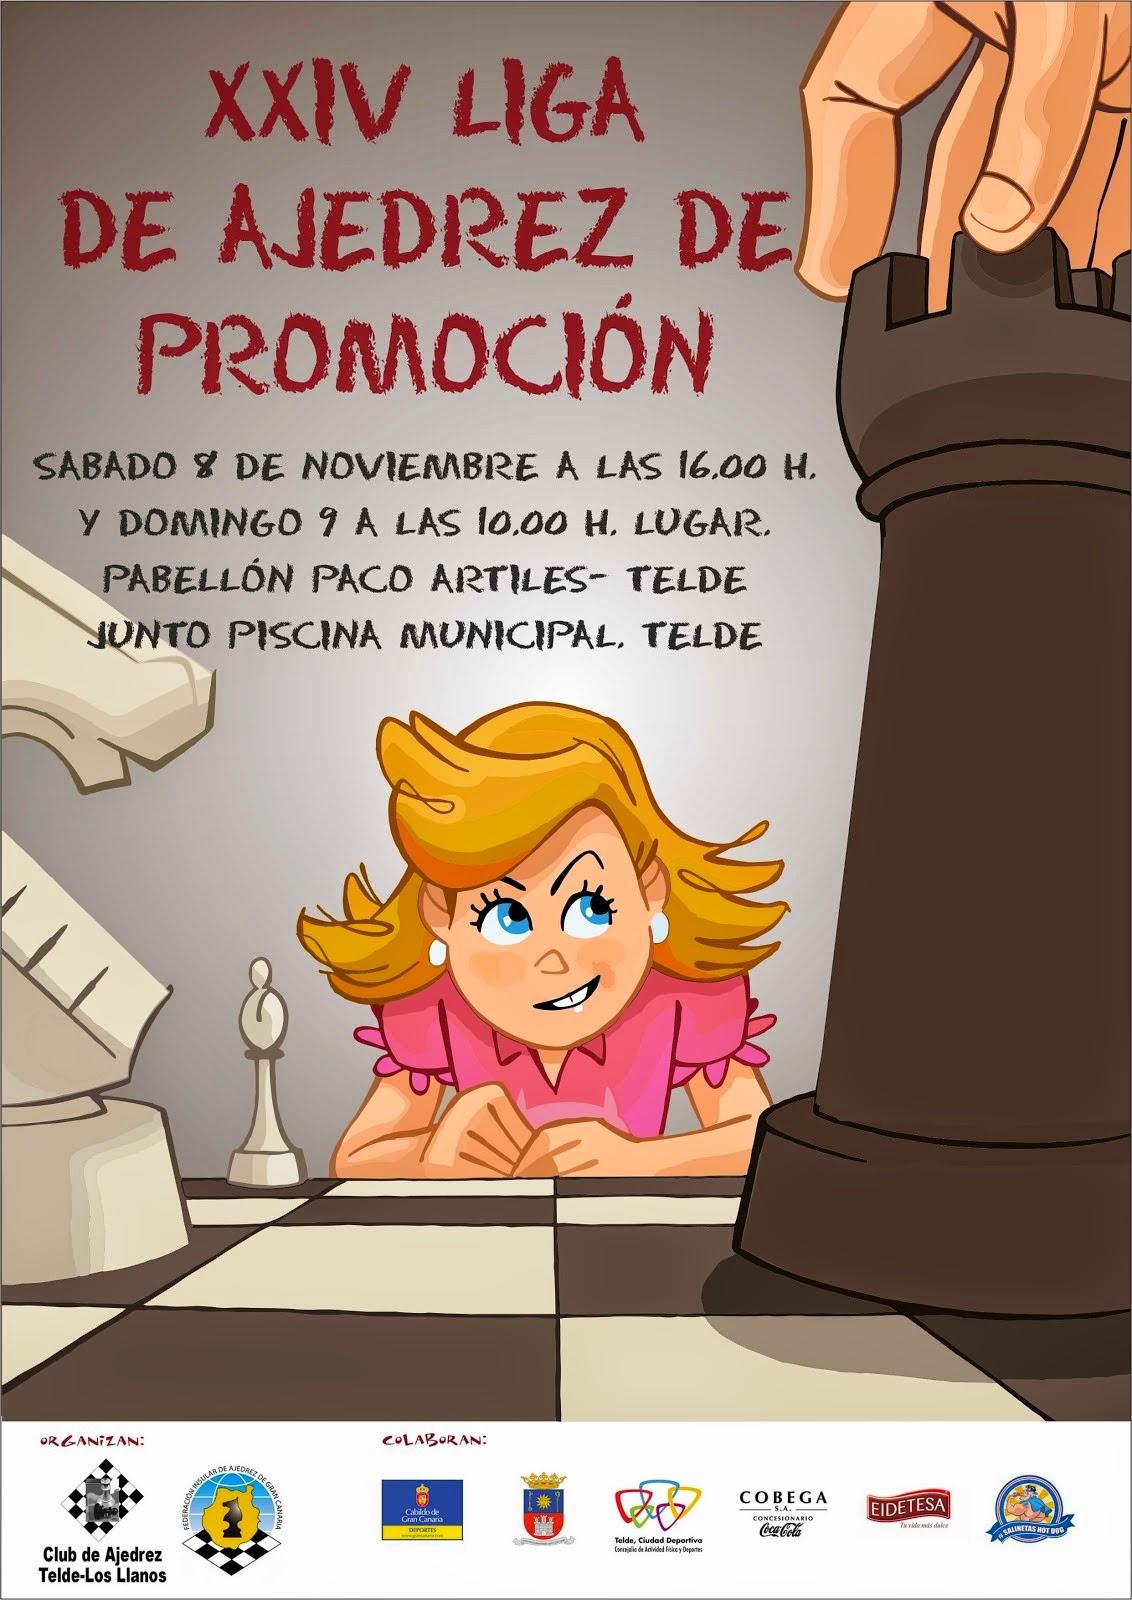 Telde fue la fiesta del ajedrez insular de promoción